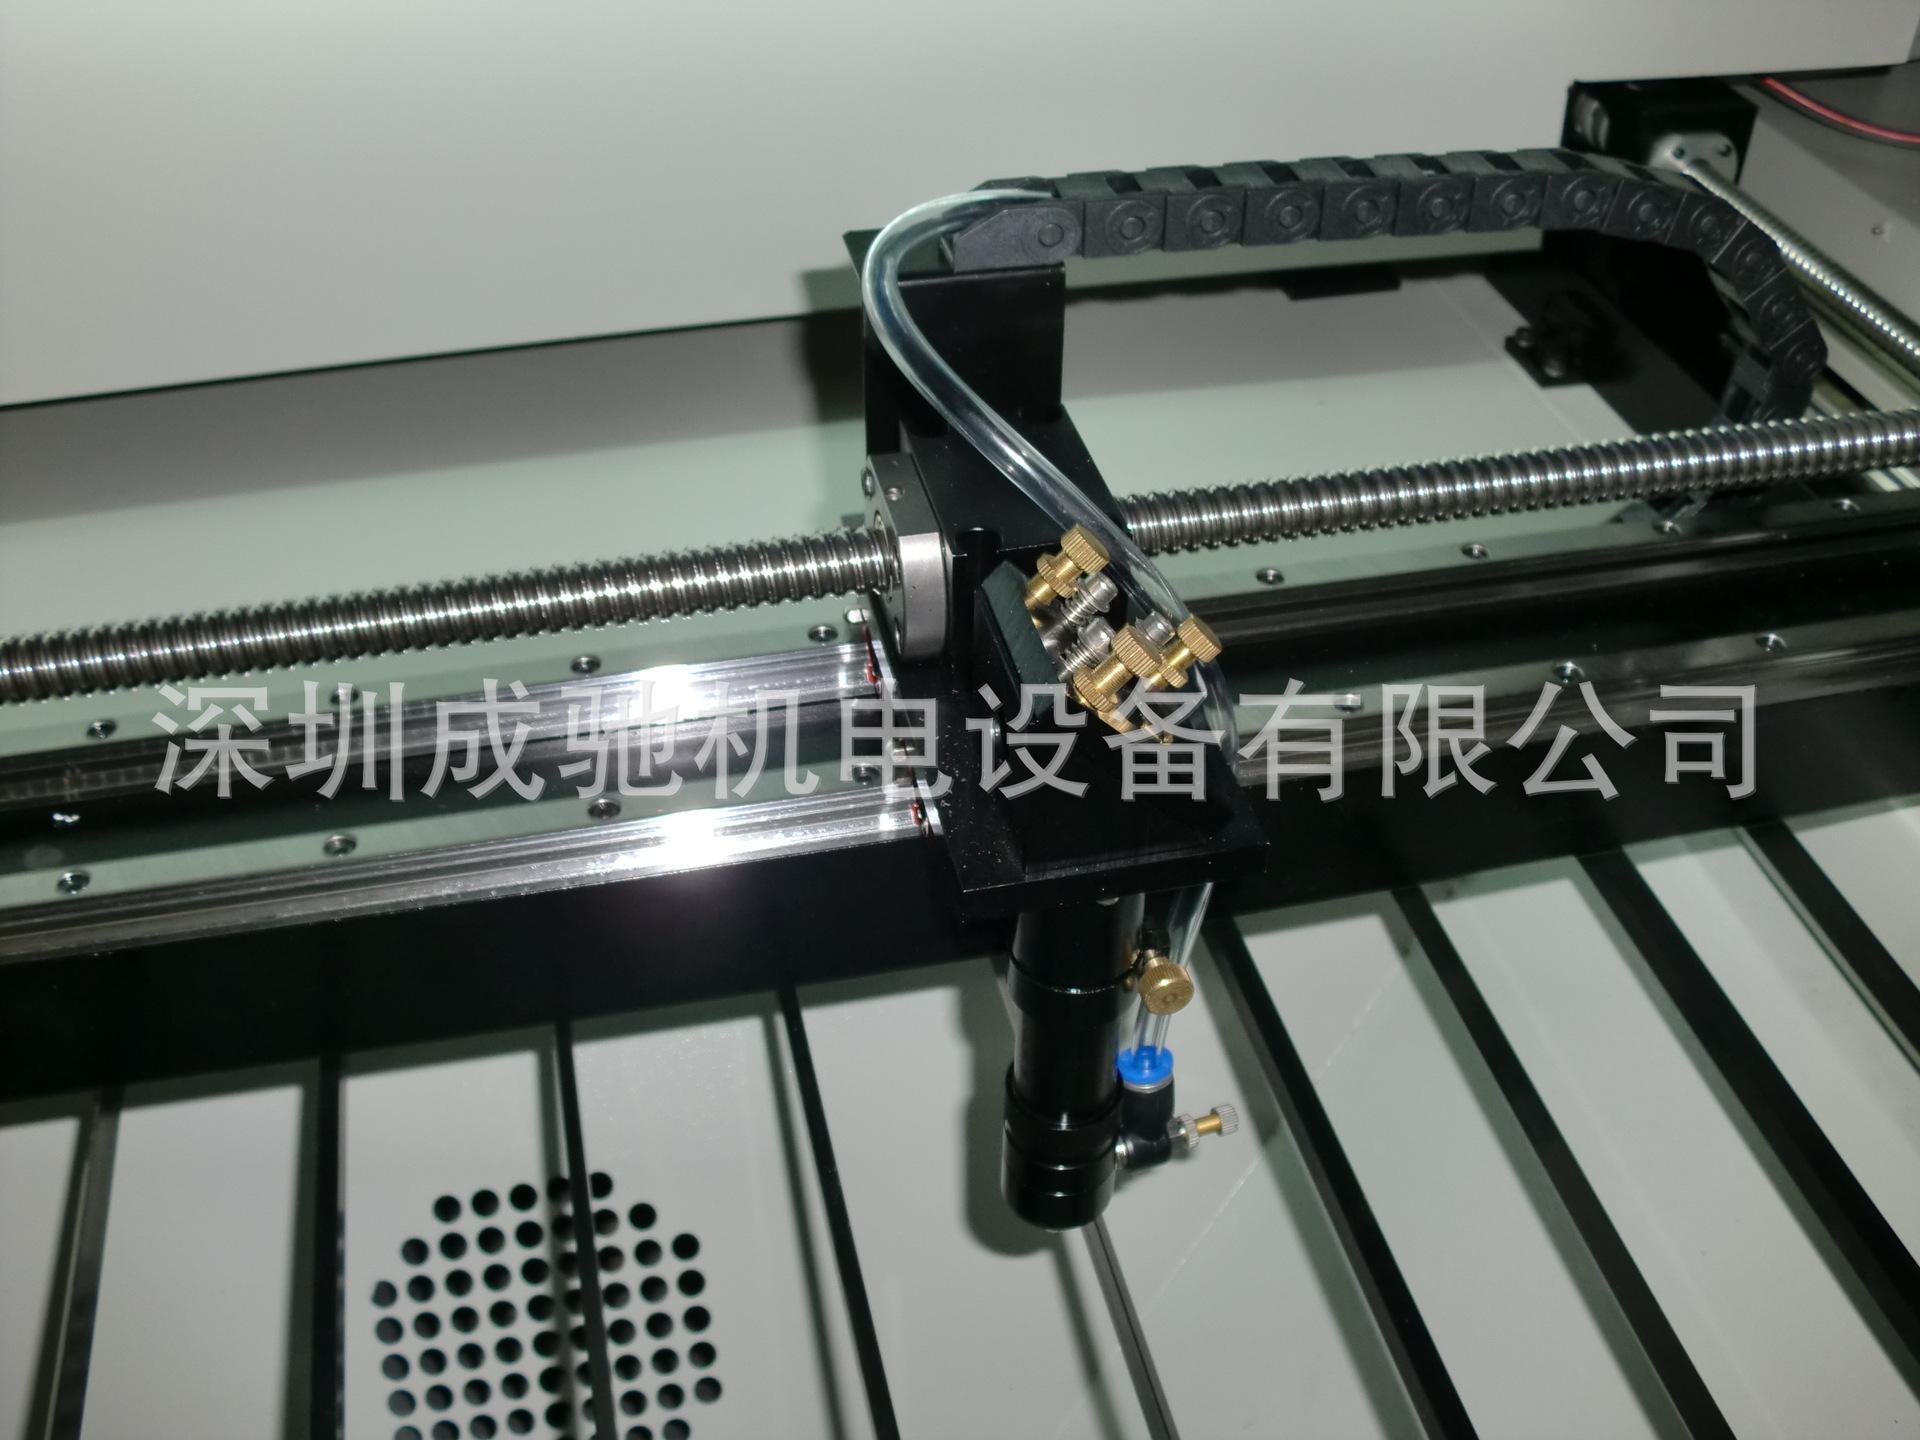 厂家供应汽车座套激光切割机 大型布料皮革裁剪机 箱包激光切割机